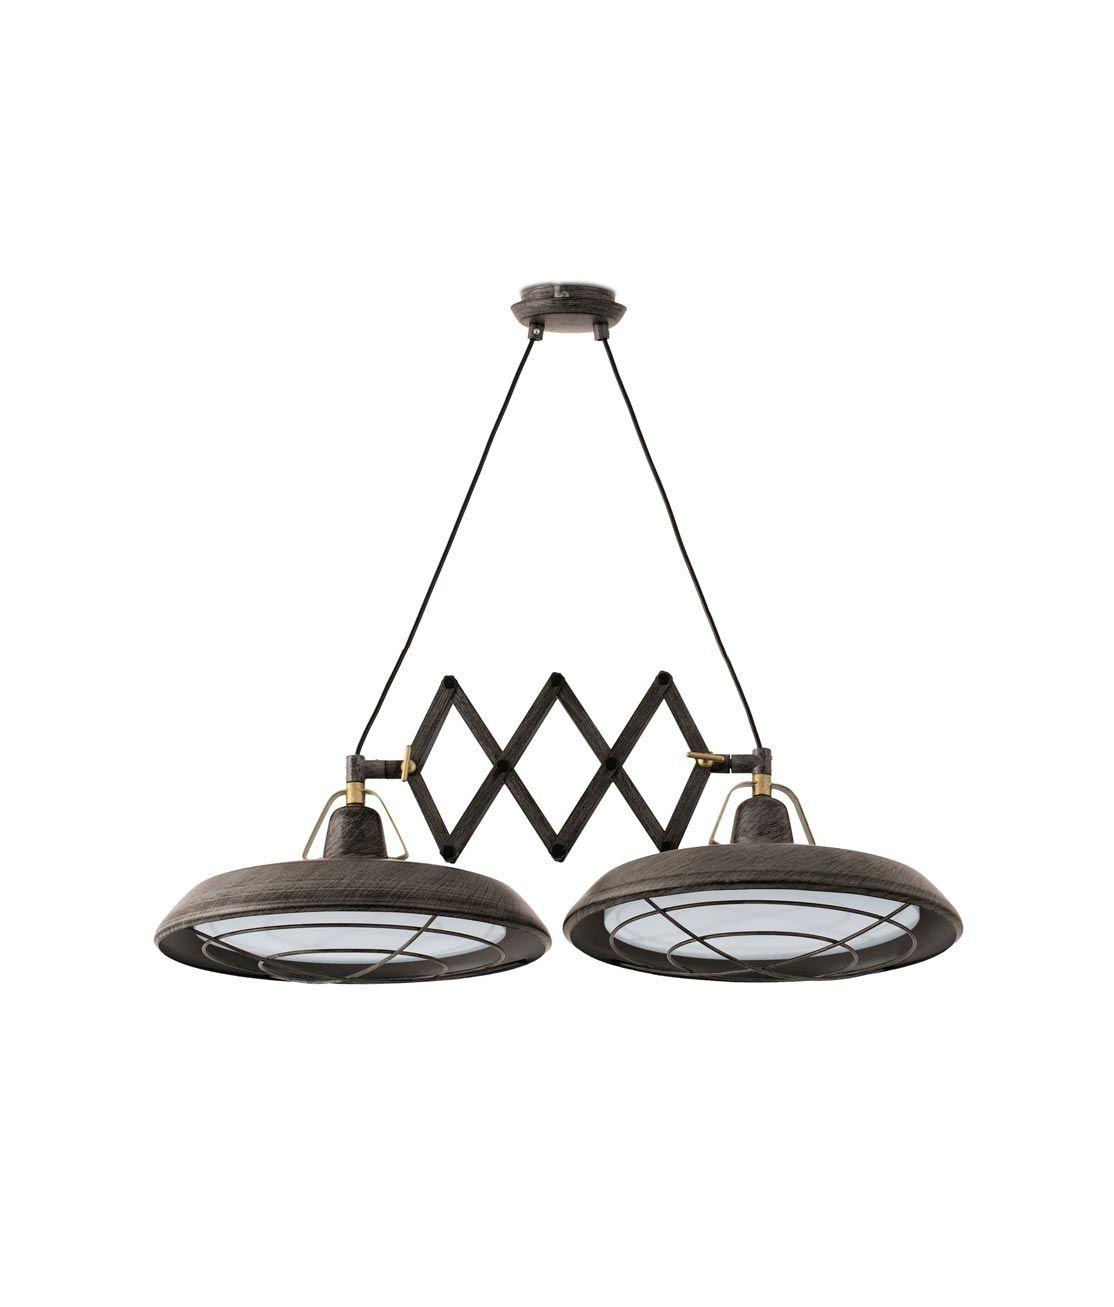 Lámpara extensible LED marrón PLEC 2 luces